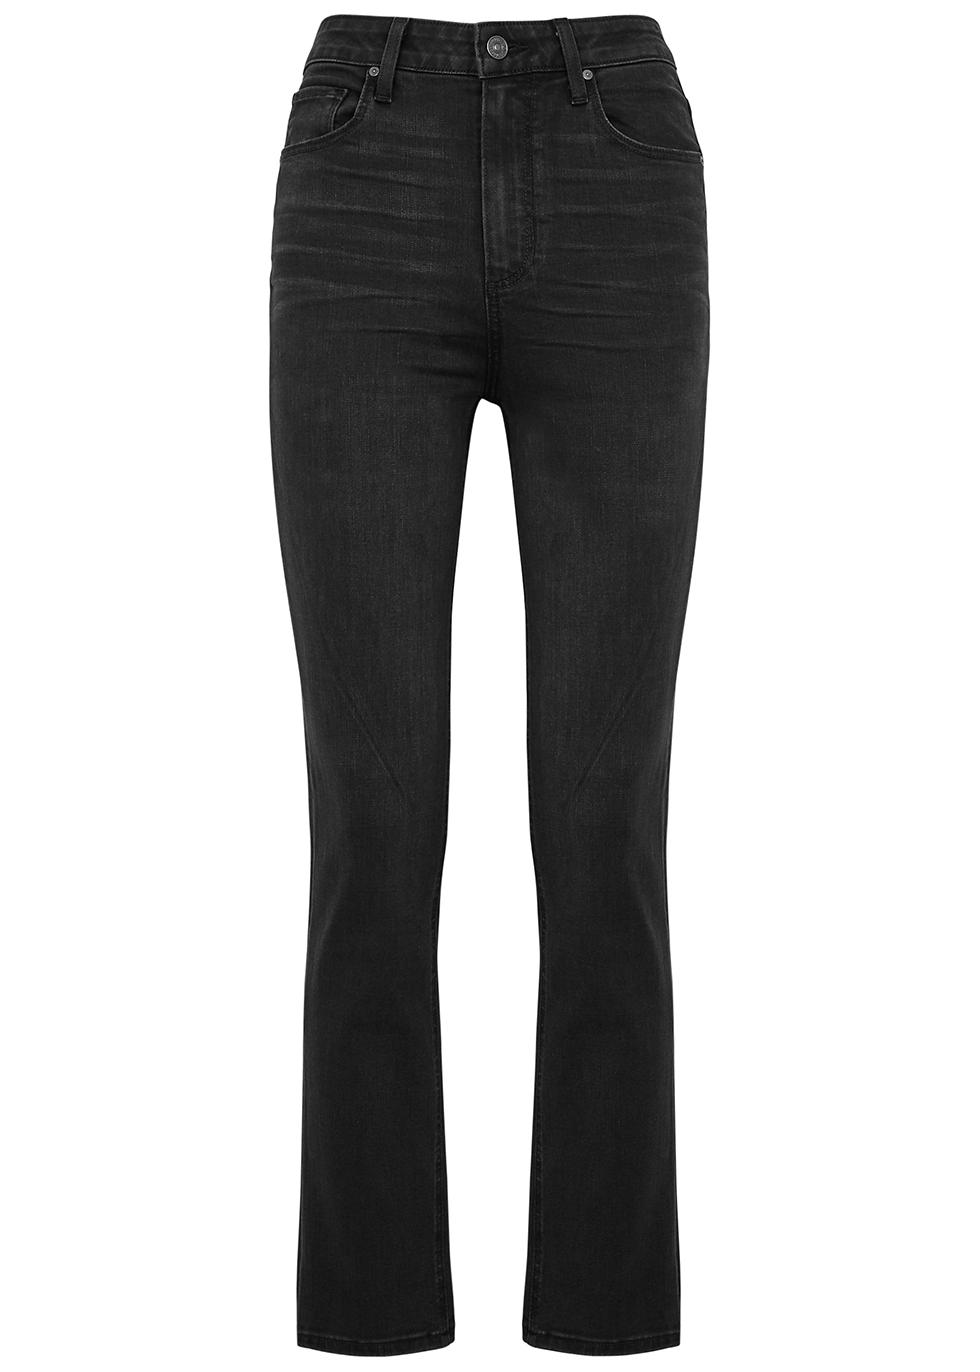 Sarah black slim-leg jeans